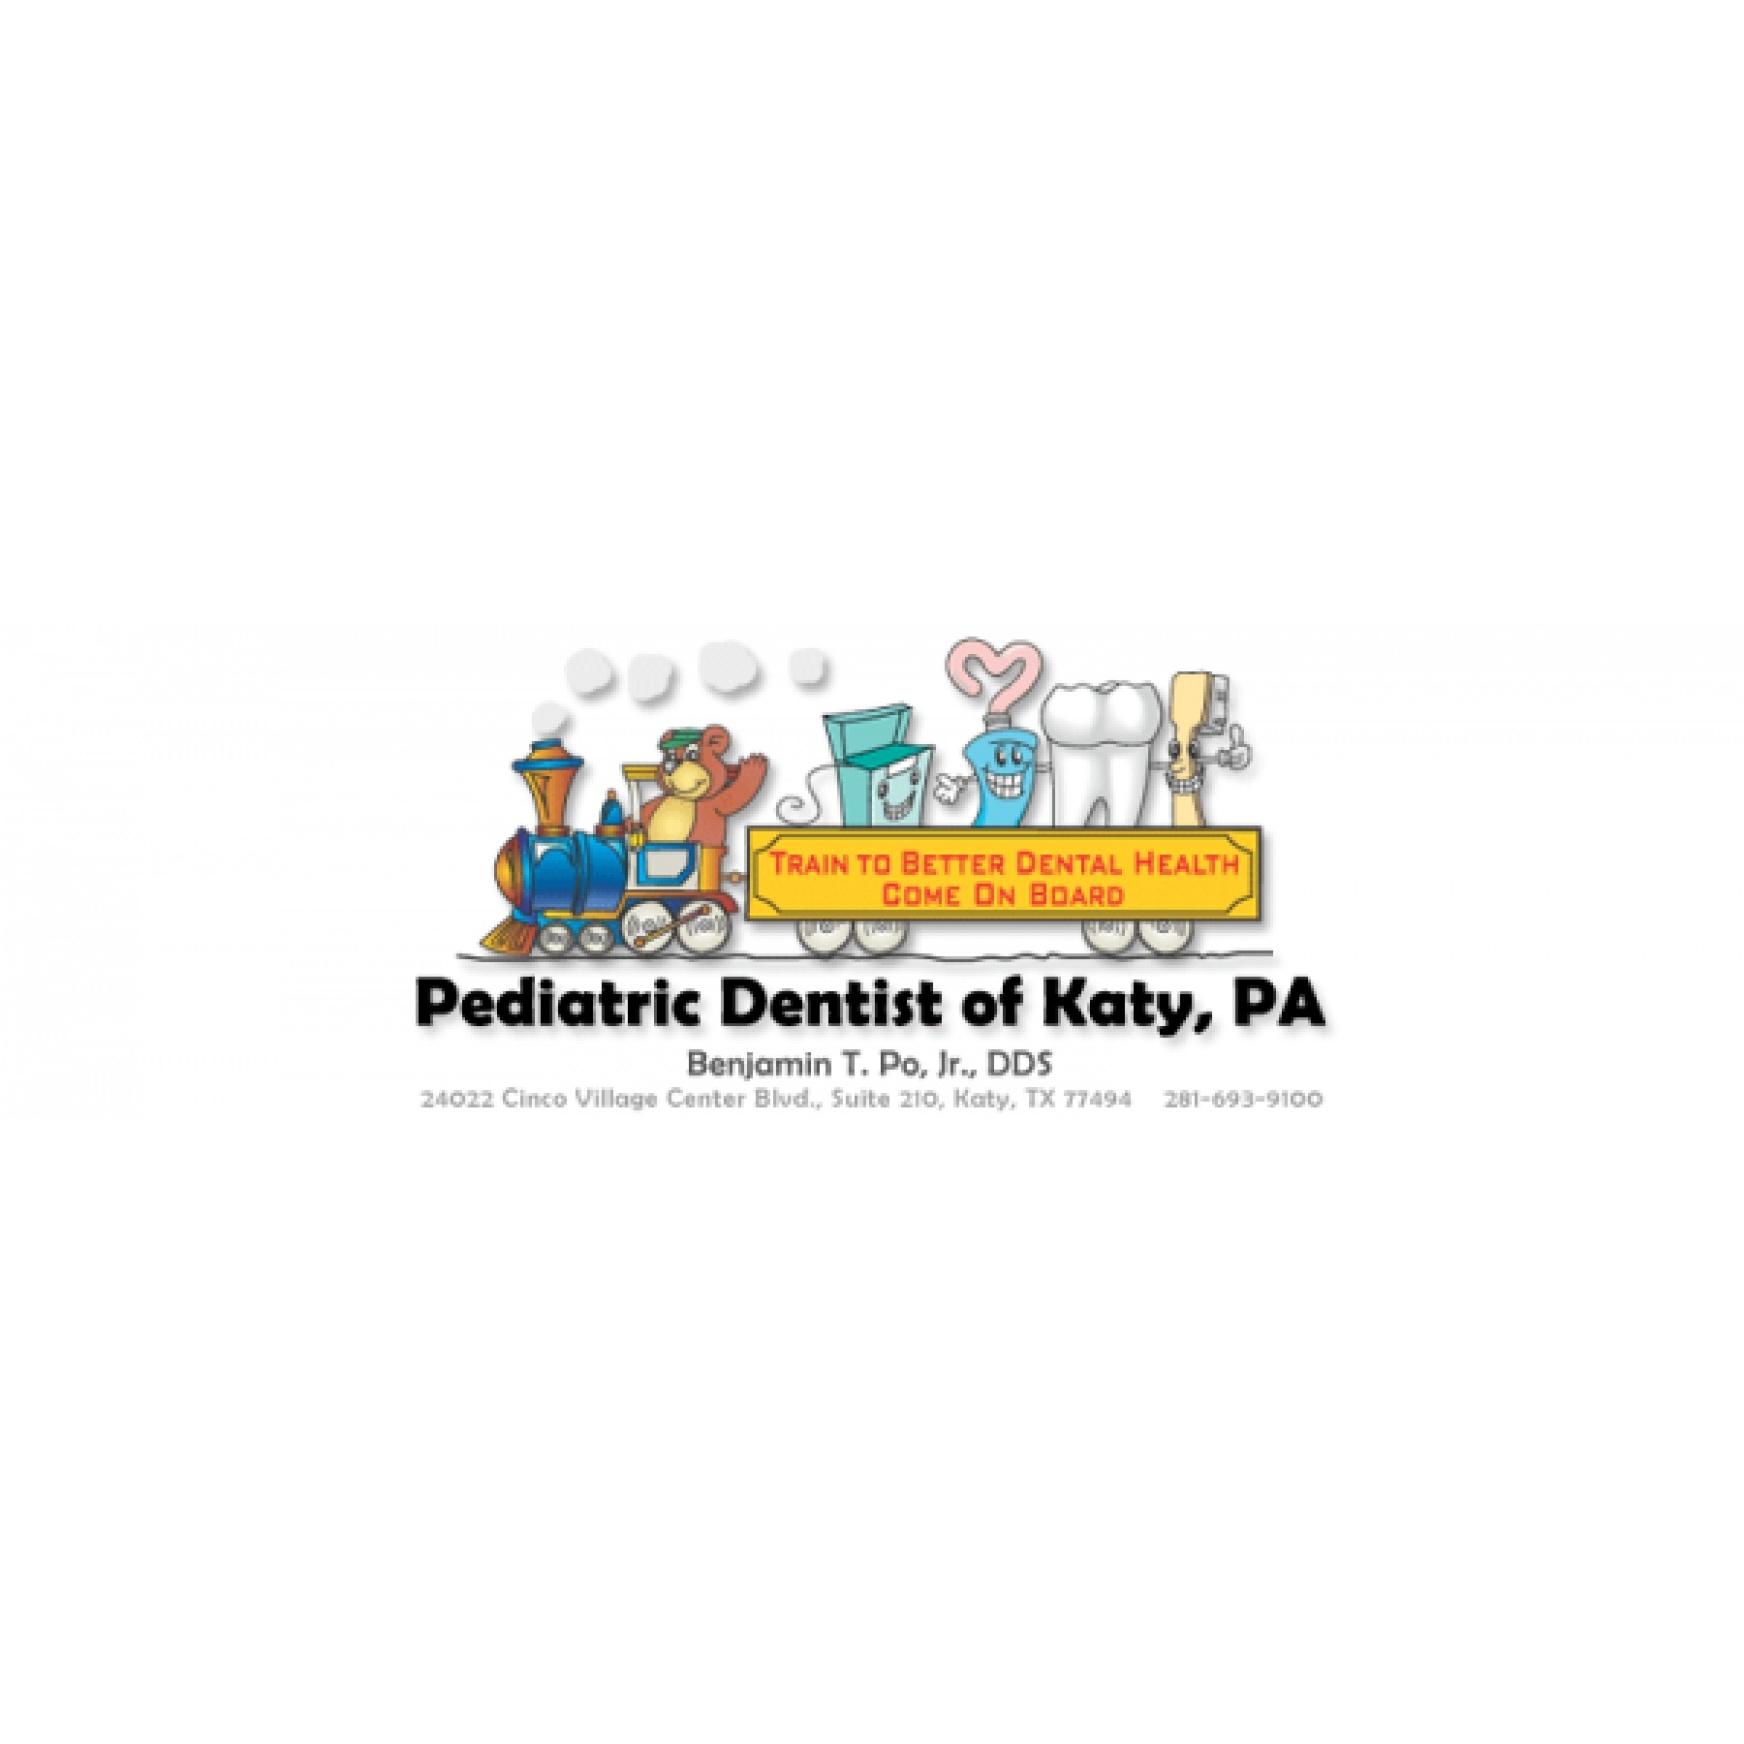 Pediatric Dentist of Katy, P.A.